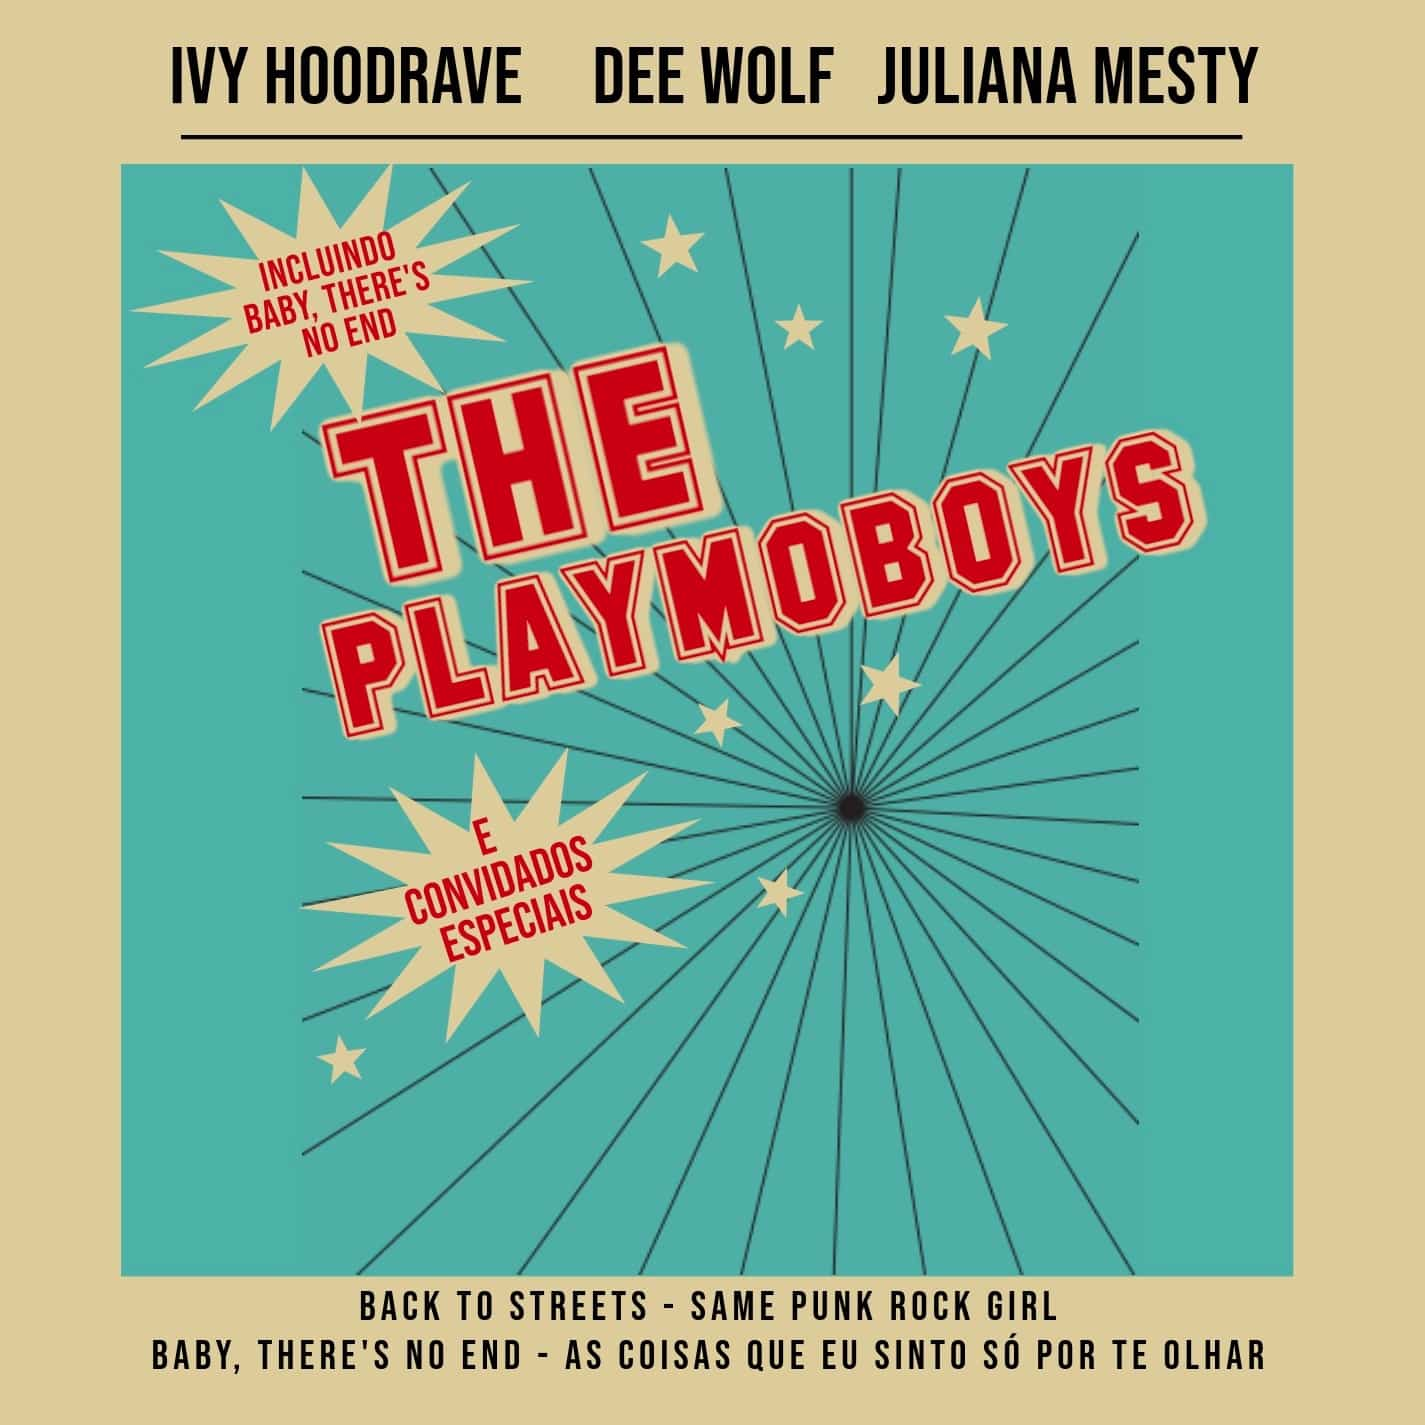 Playmoboys lança EP com parcerias internacionais